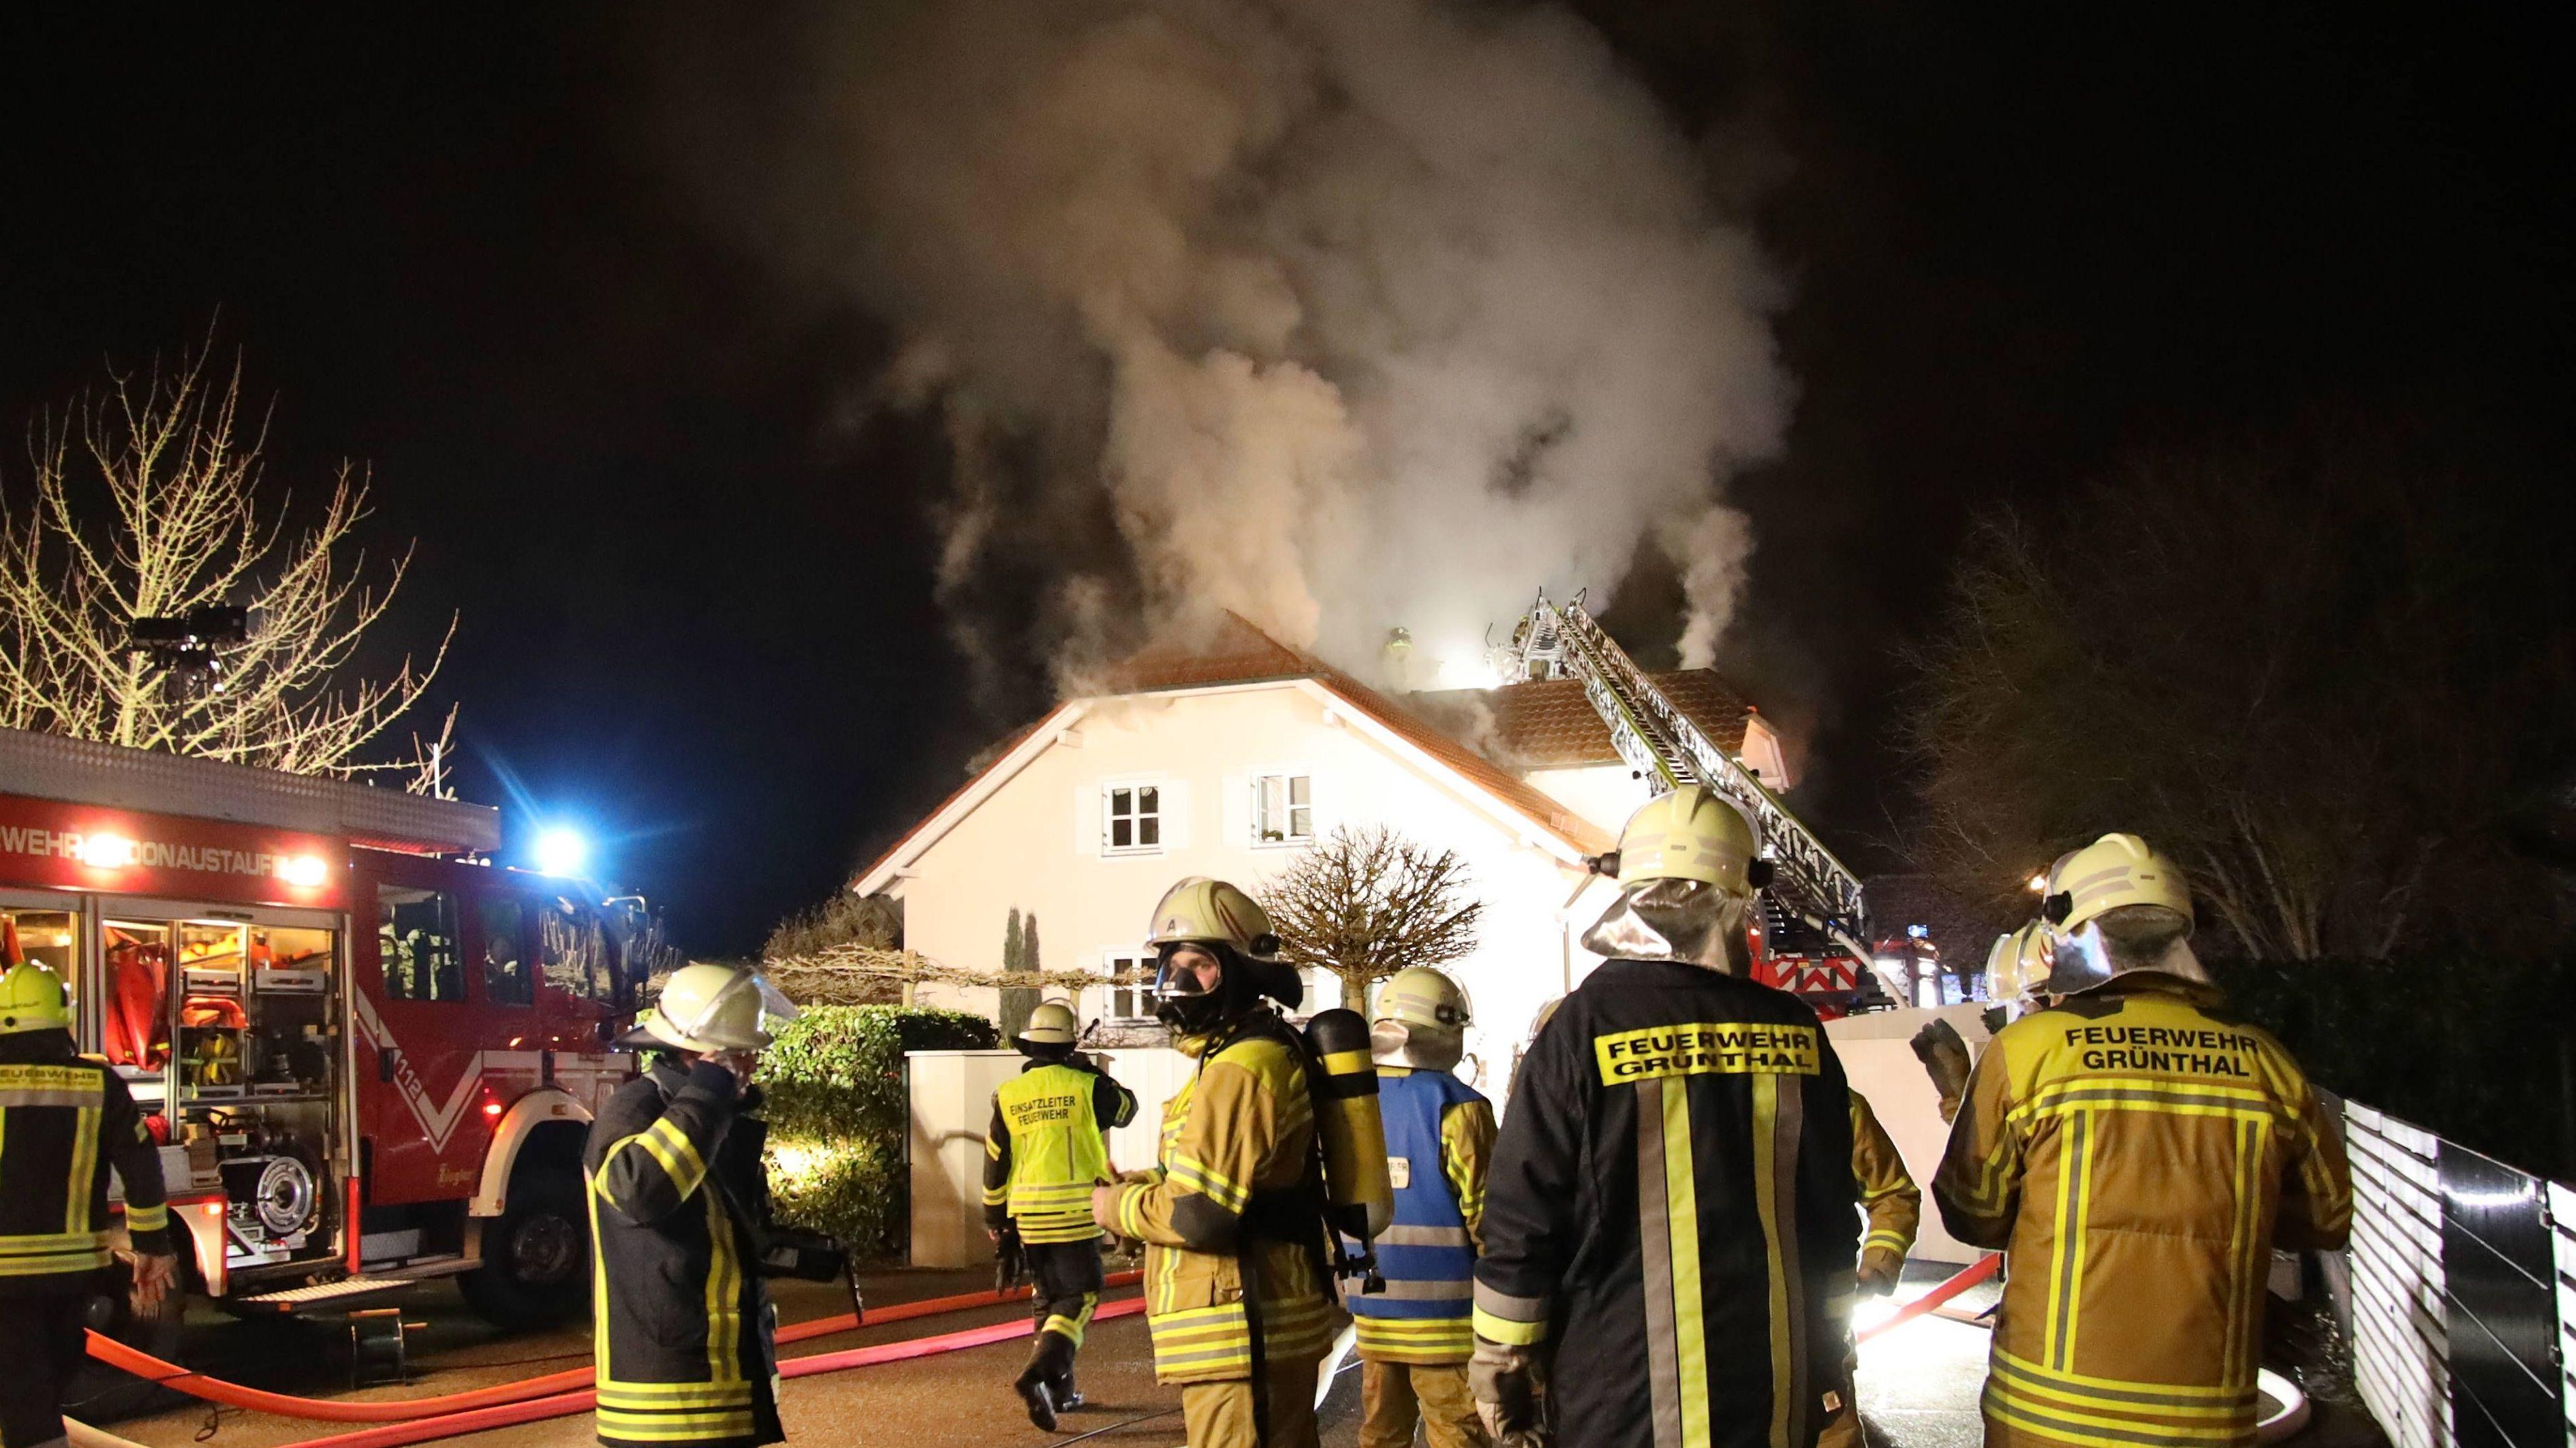 Feuerwehr mit Atemschutzgeräten bei Löscharbeiten in Tegernheim